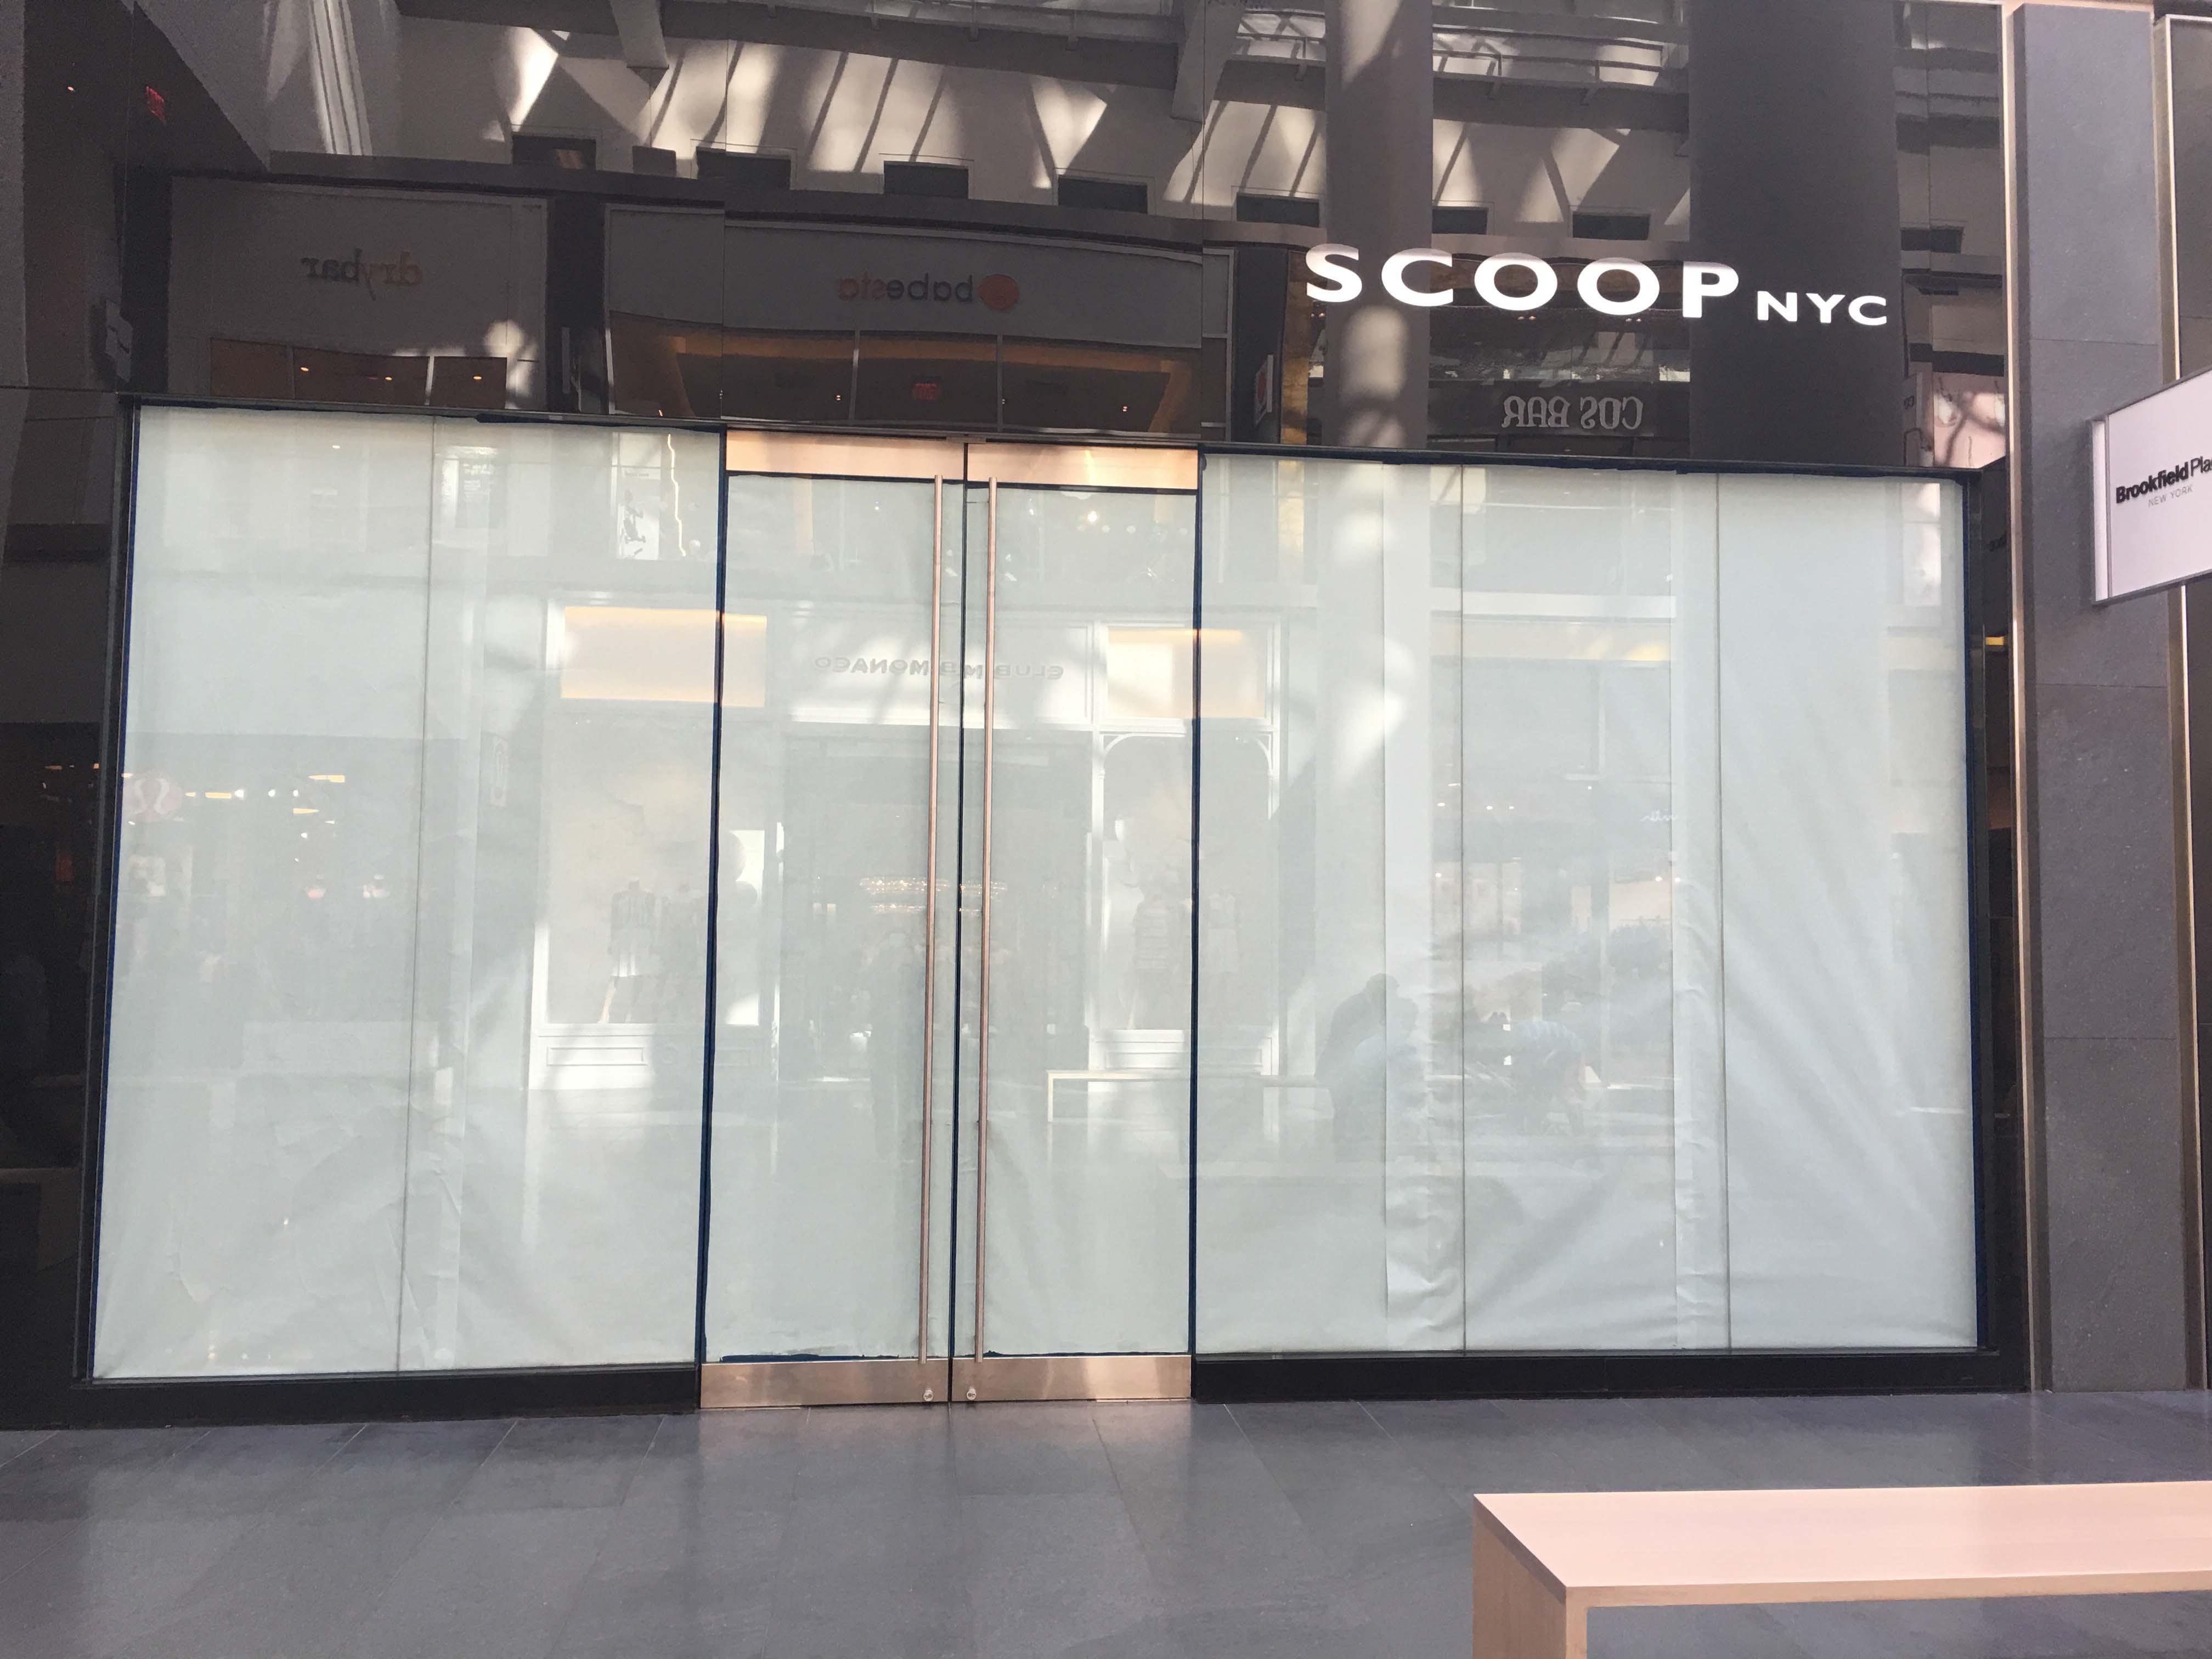 Scoop closed